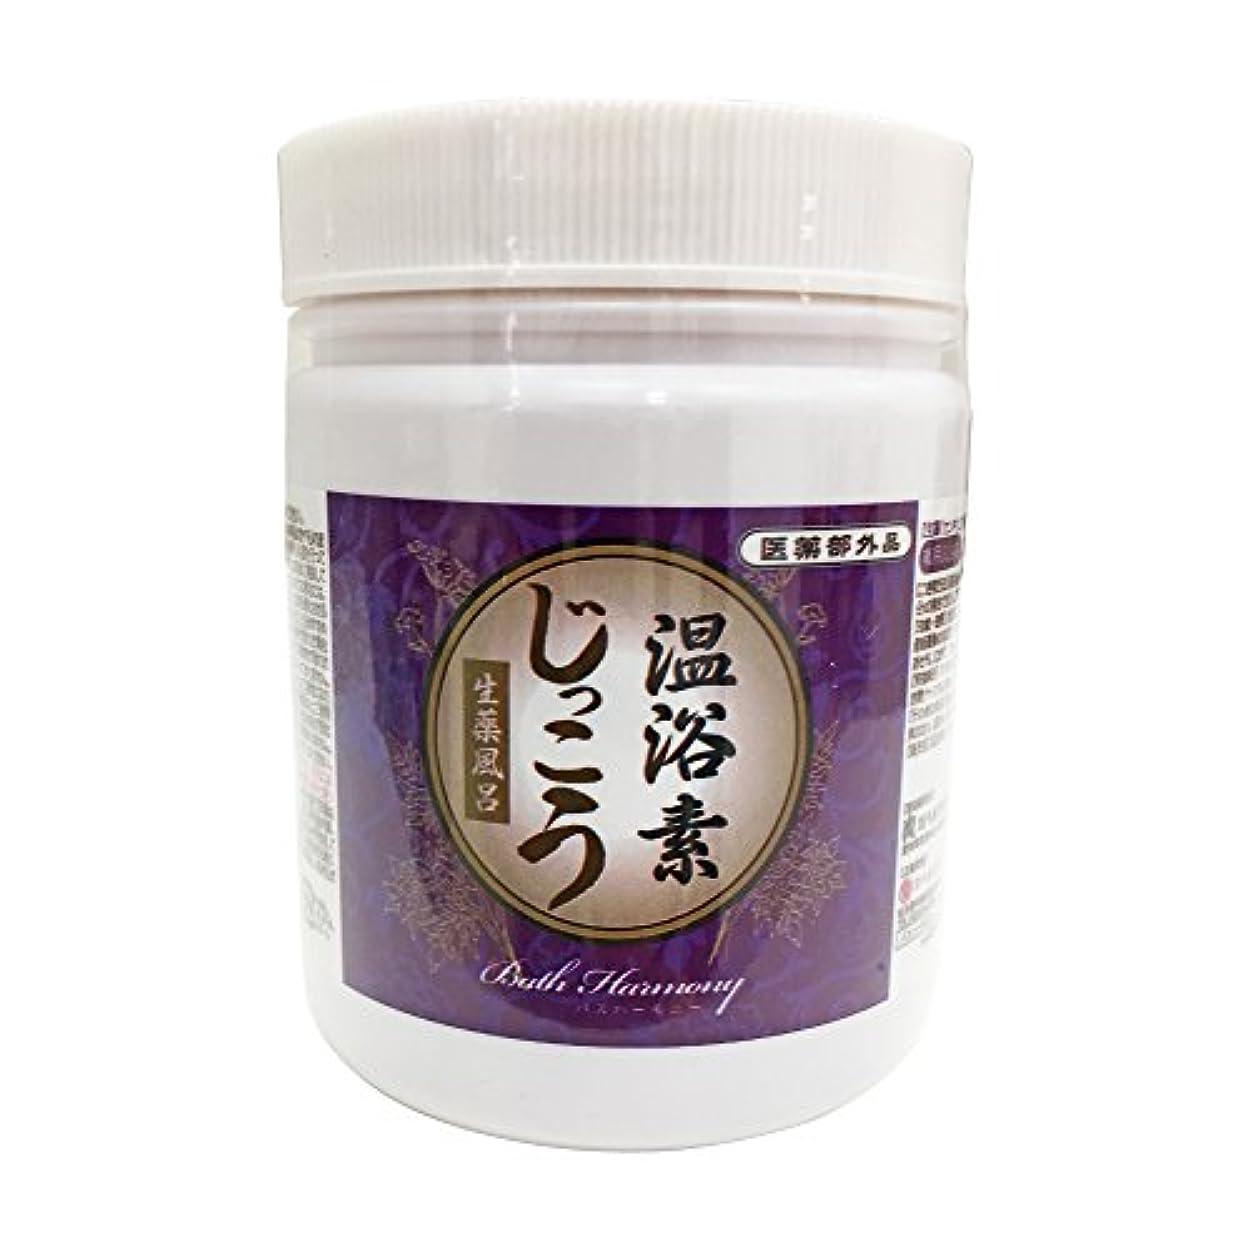 機動心理的お願いします温浴素 じっこう 500g 約25回分 粉末 生薬 薬湯 医薬部外品 ロングセラー 天然生薬 の 香り